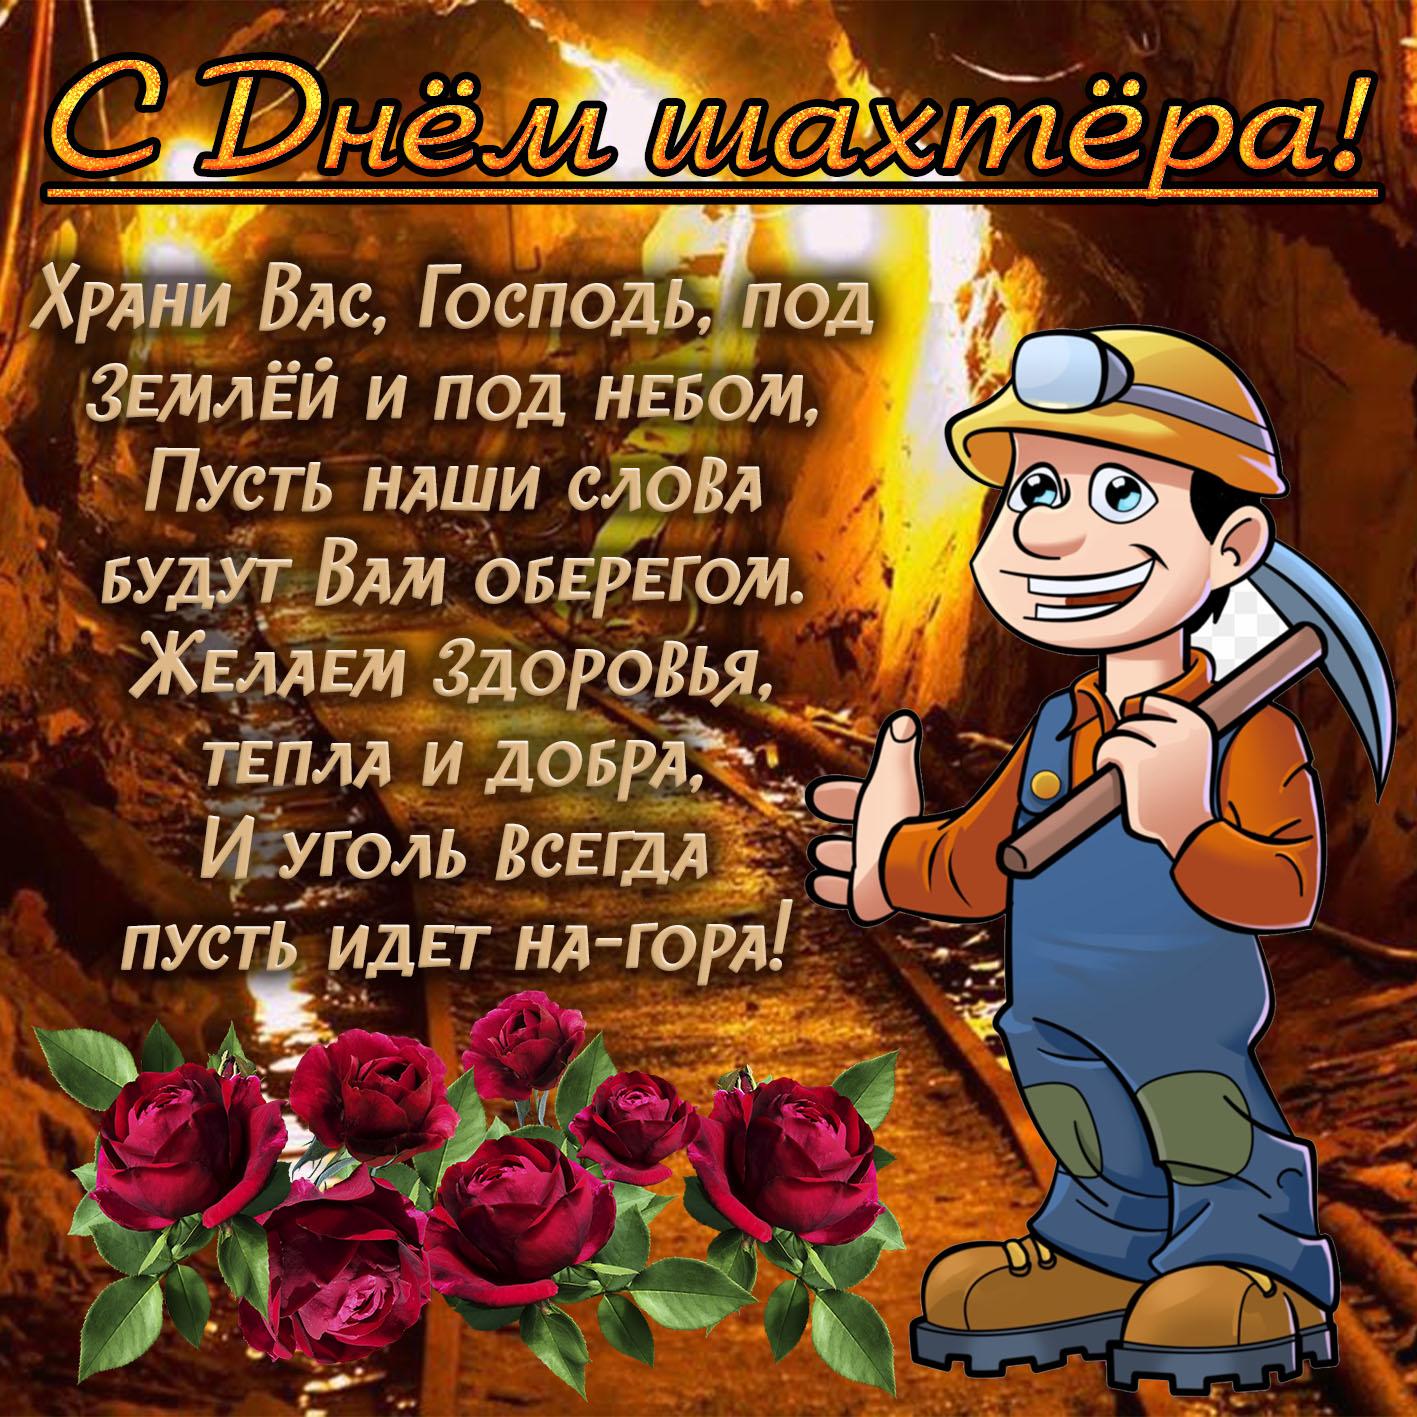 была пожелания на день шахтера новосибирске несколько